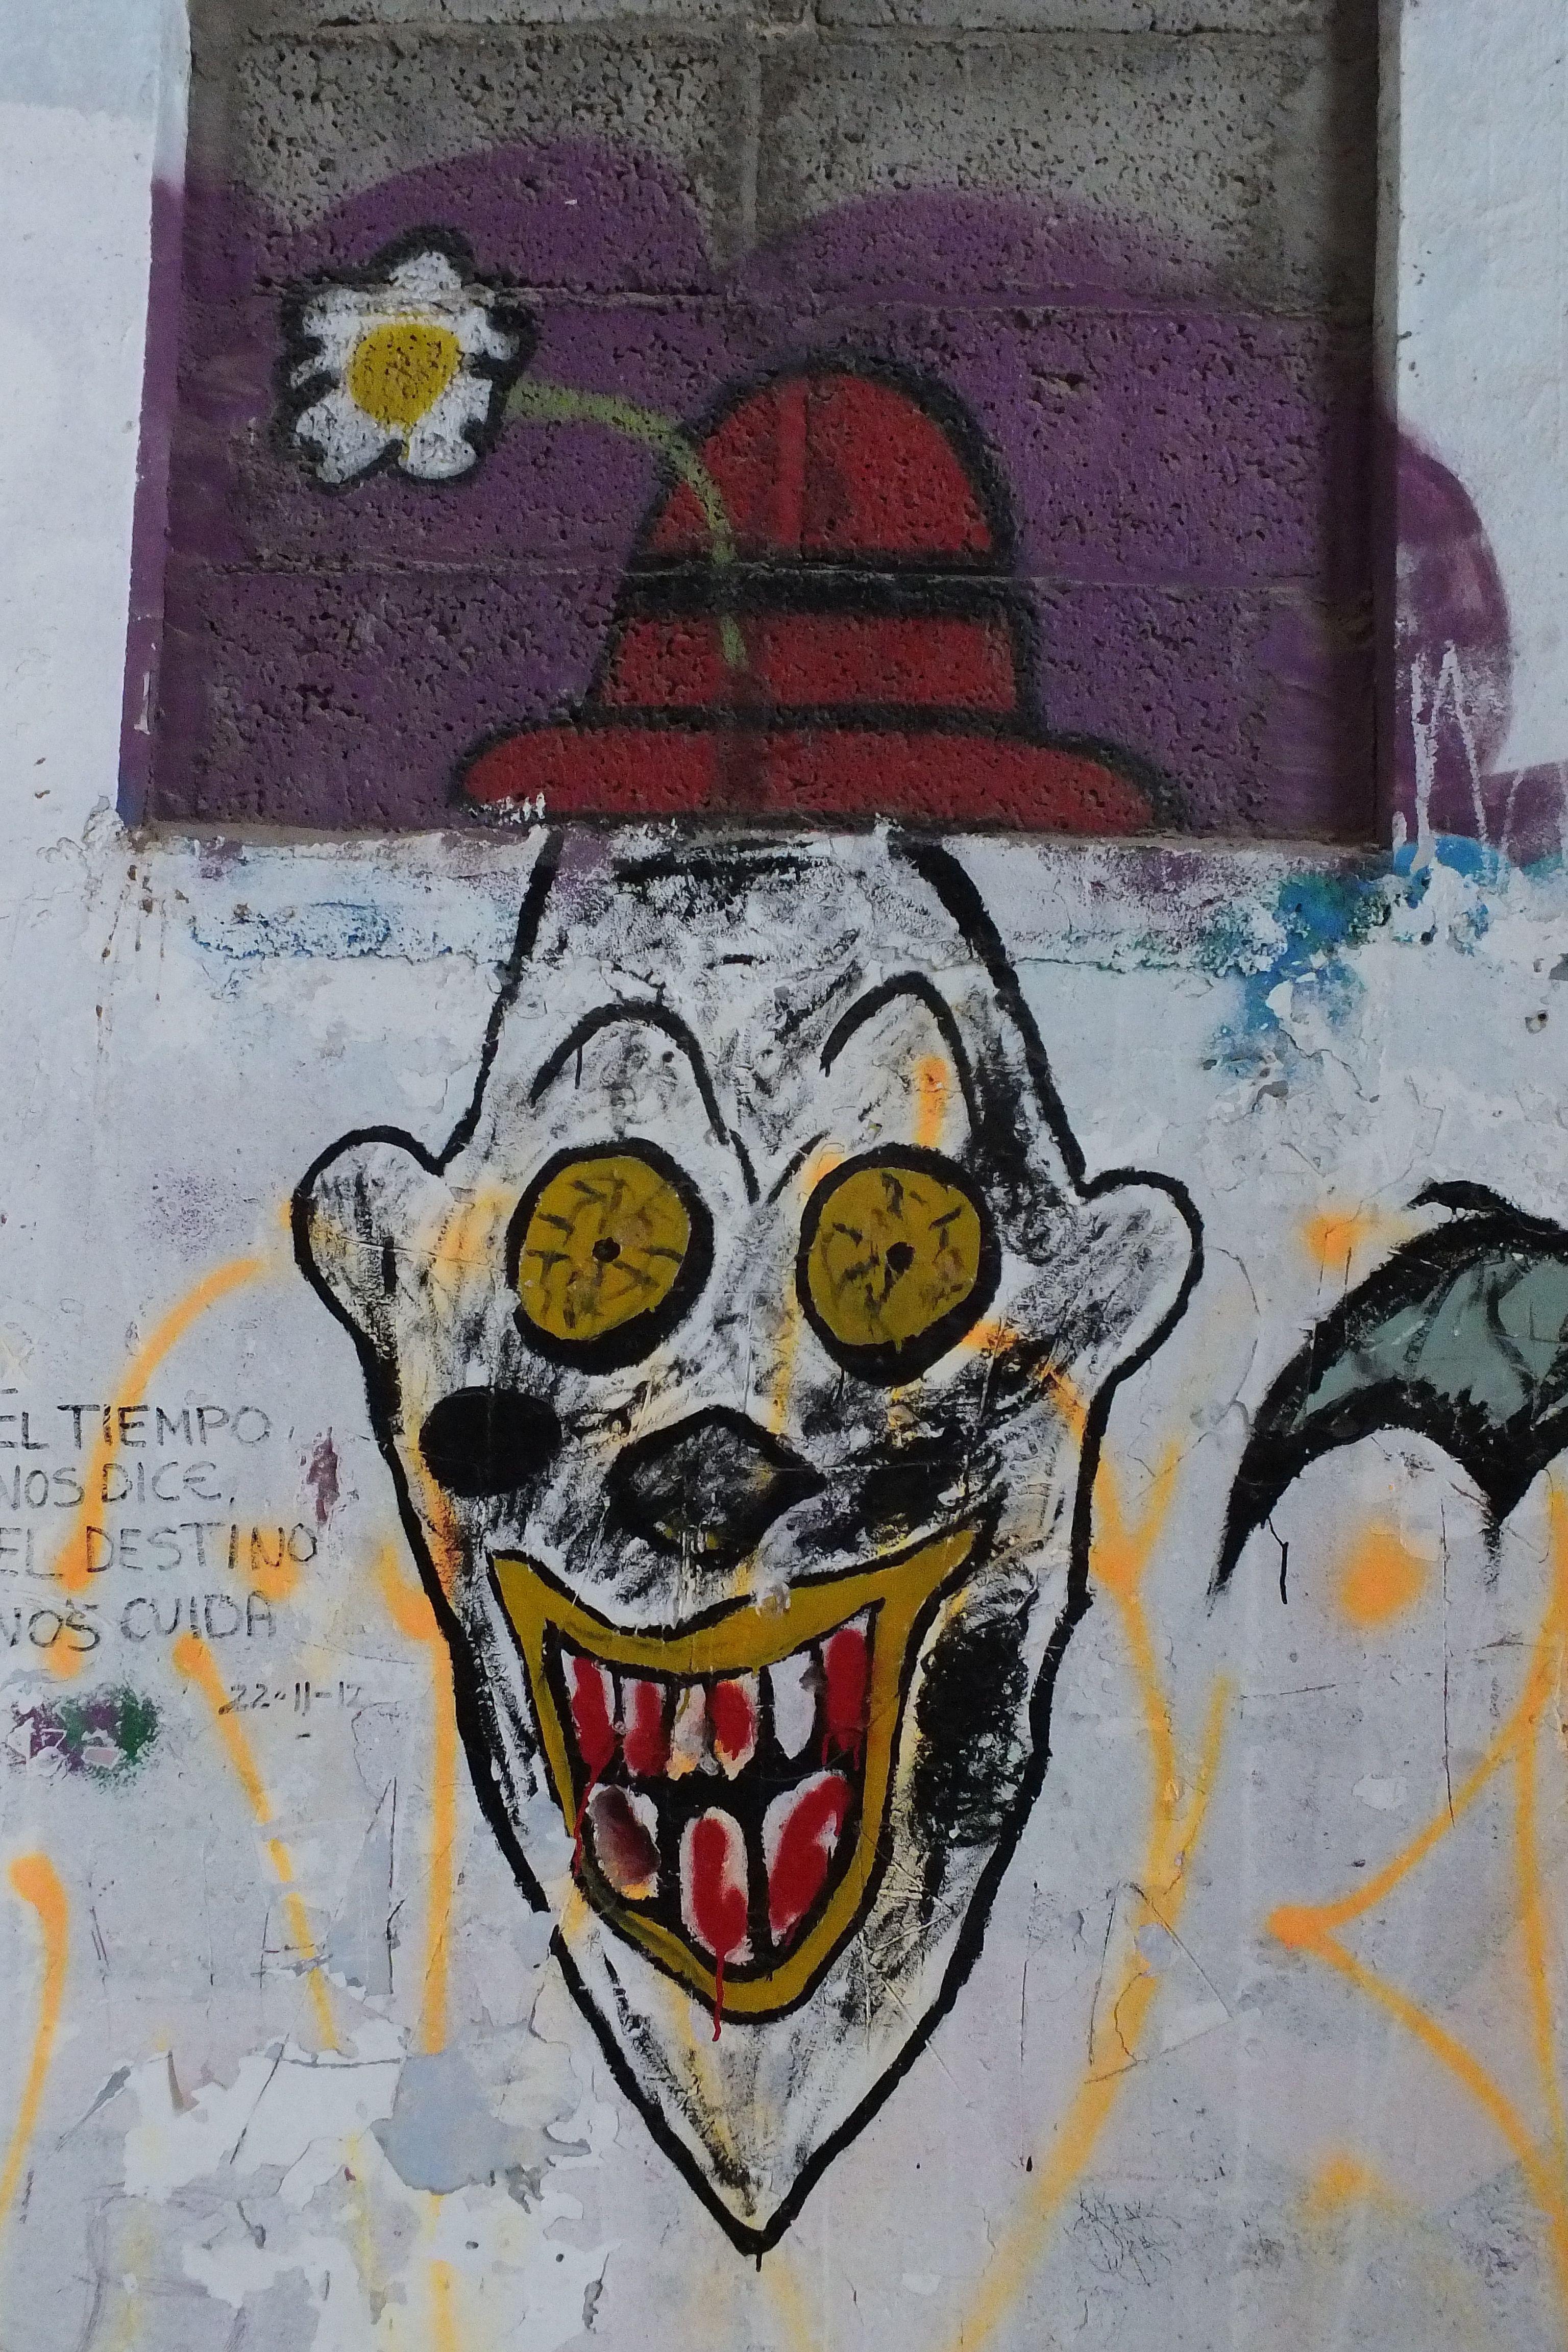 Graffit en ruinas campamento militar. Los Abades, Tenerife. Spain ...